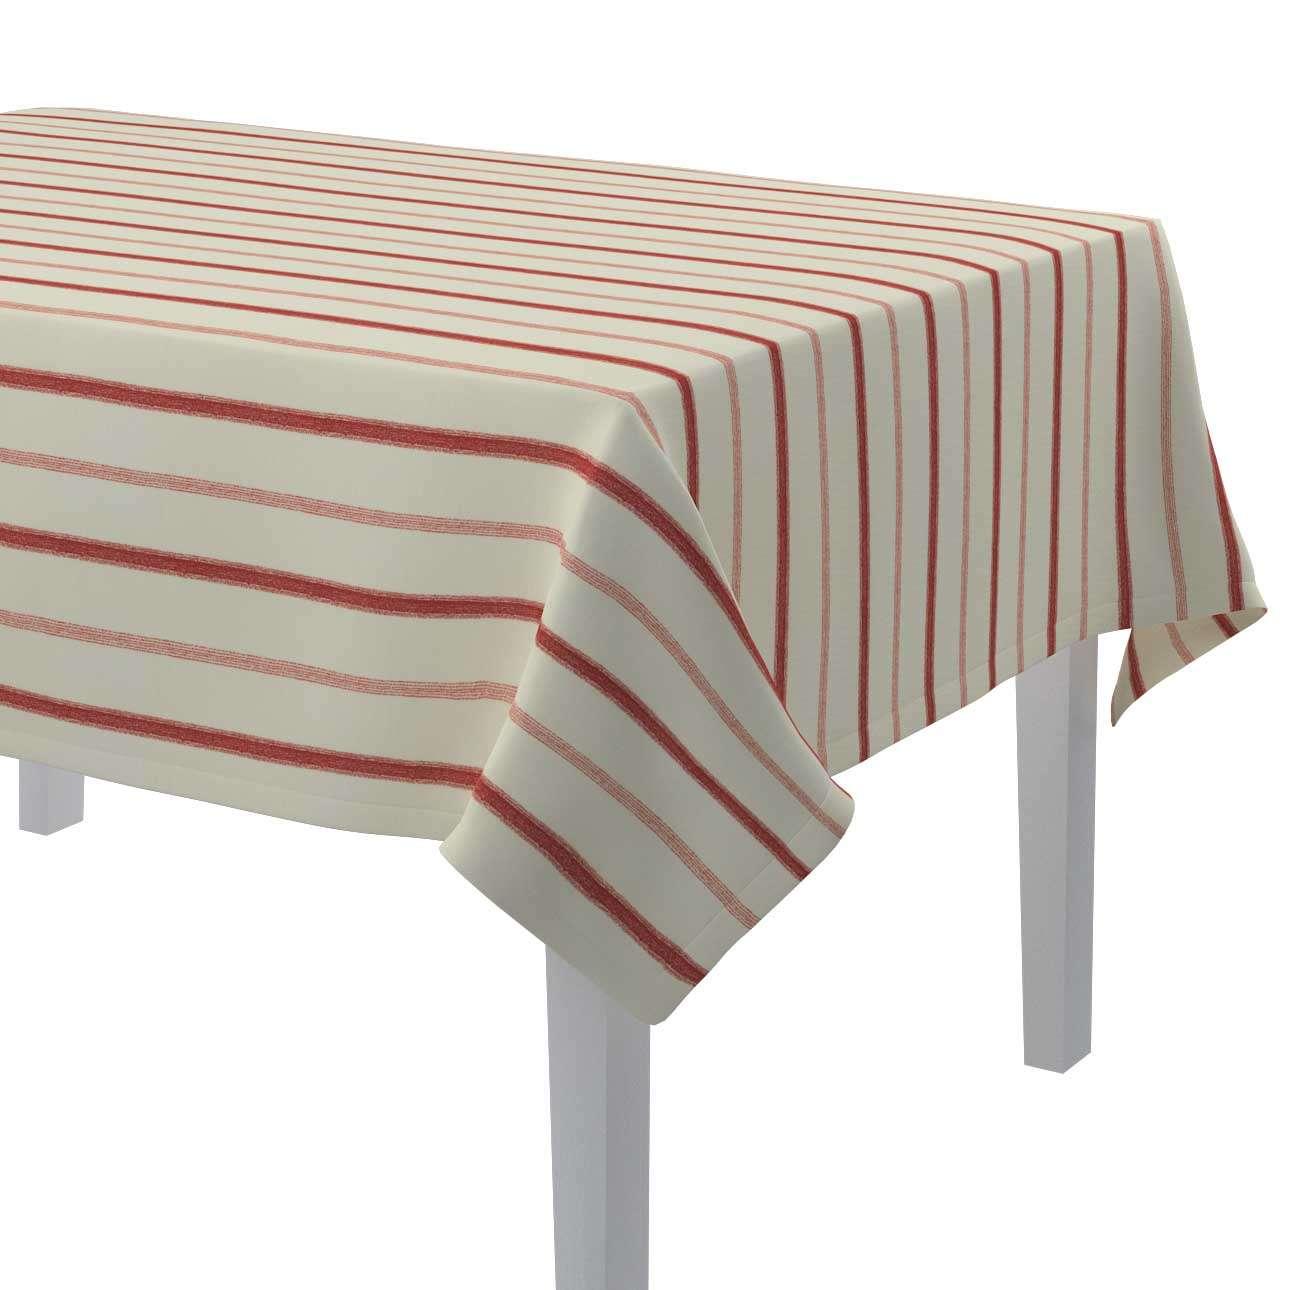 Rechteckige Tischdecke von der Kollektion Avinon, Stoff: 129-15